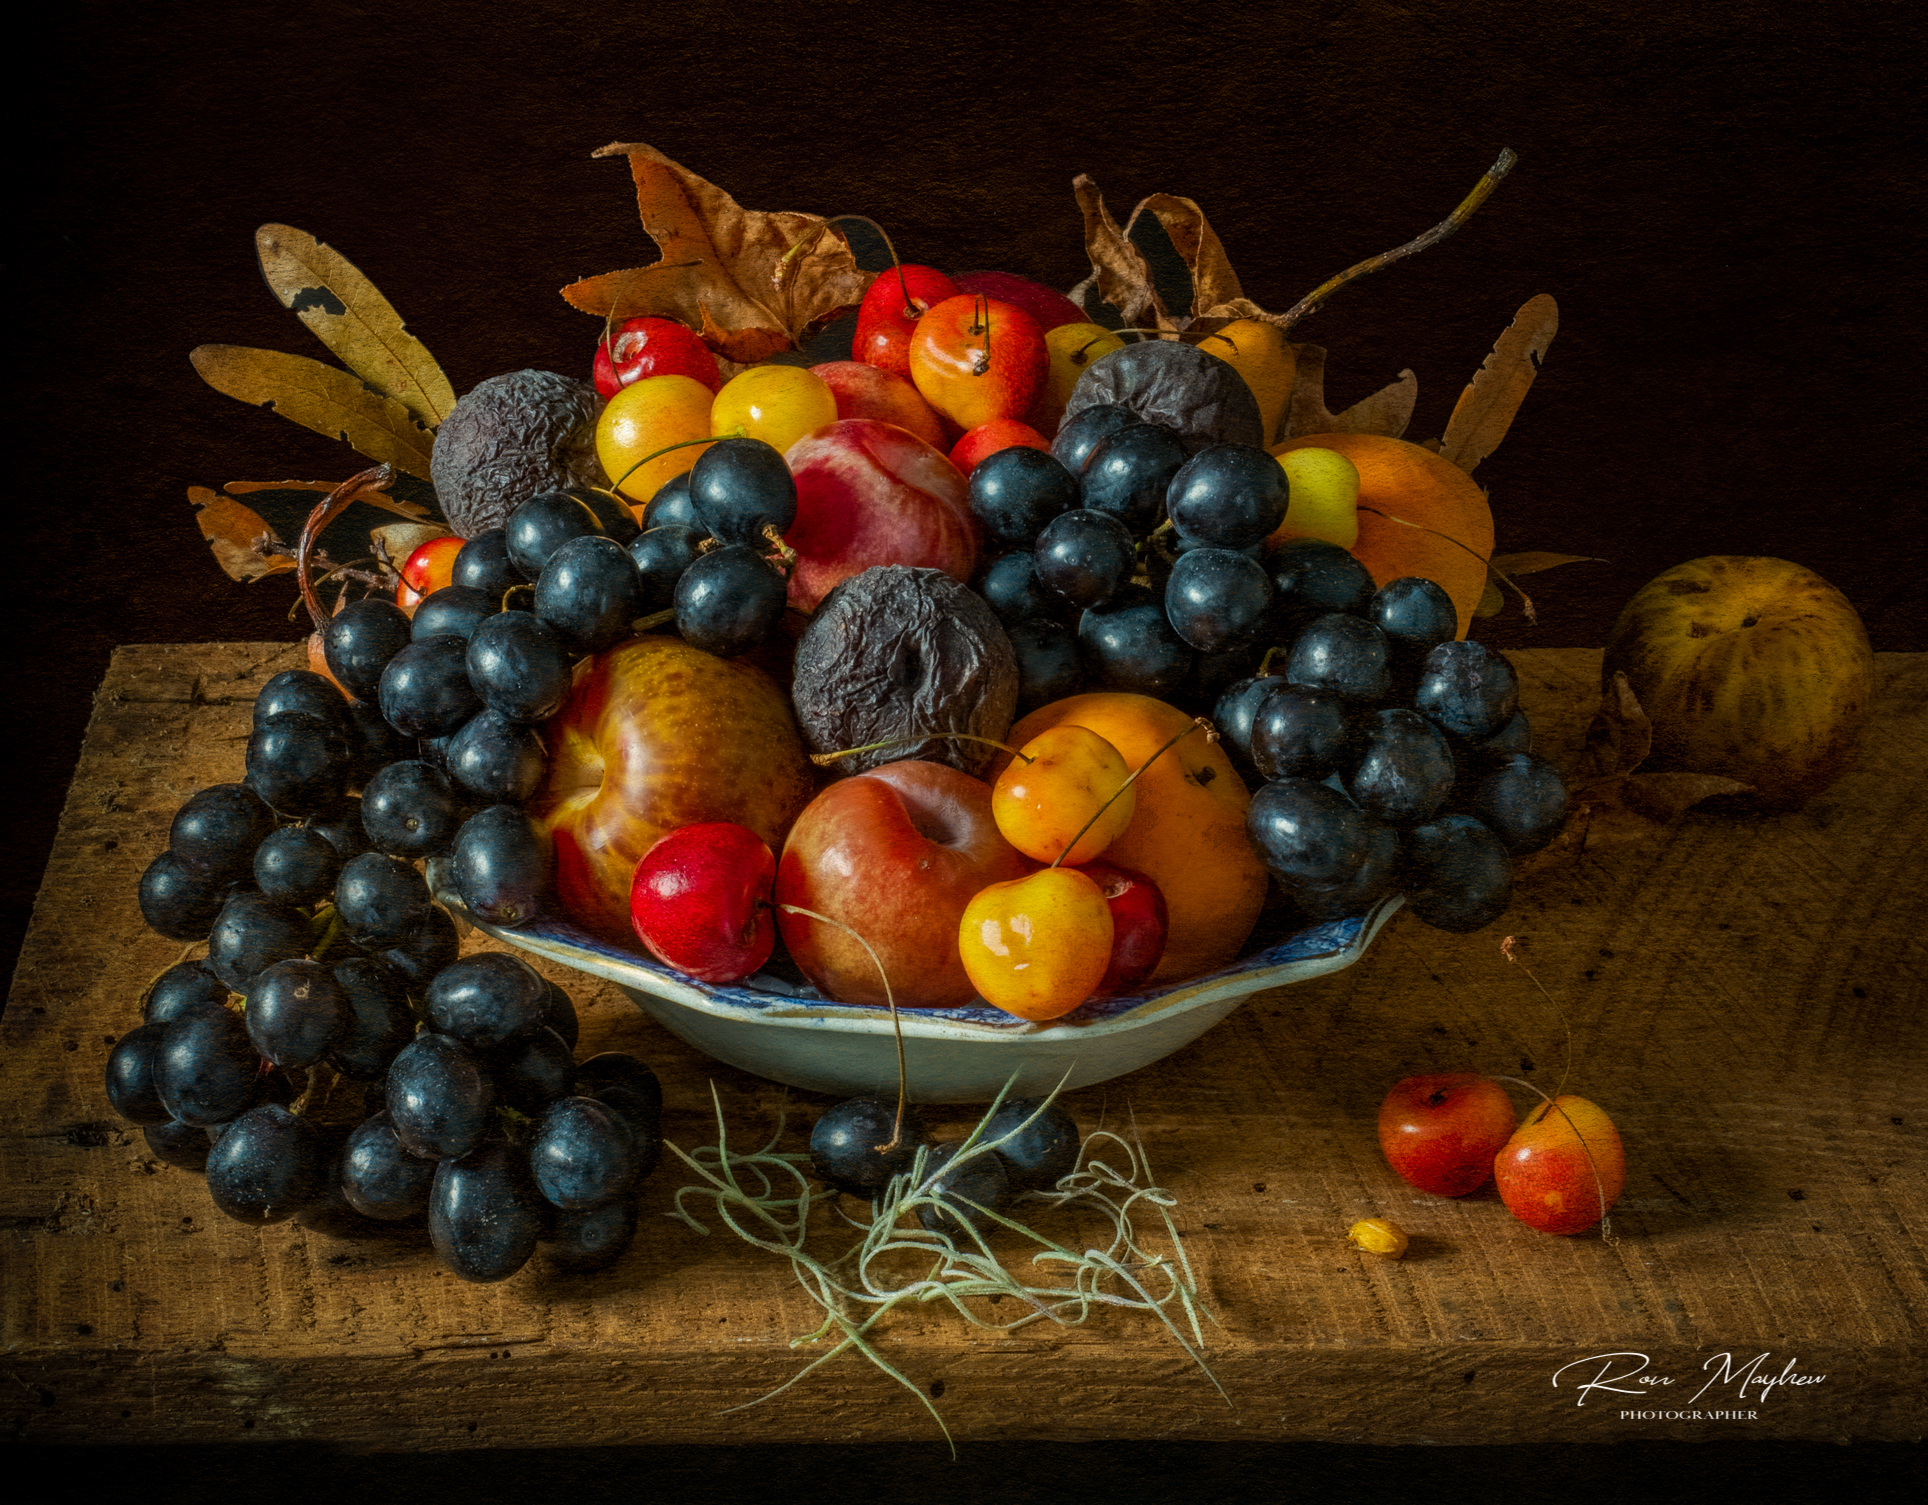 Natures Abundance, an Abundance of Fruit - a Still Life